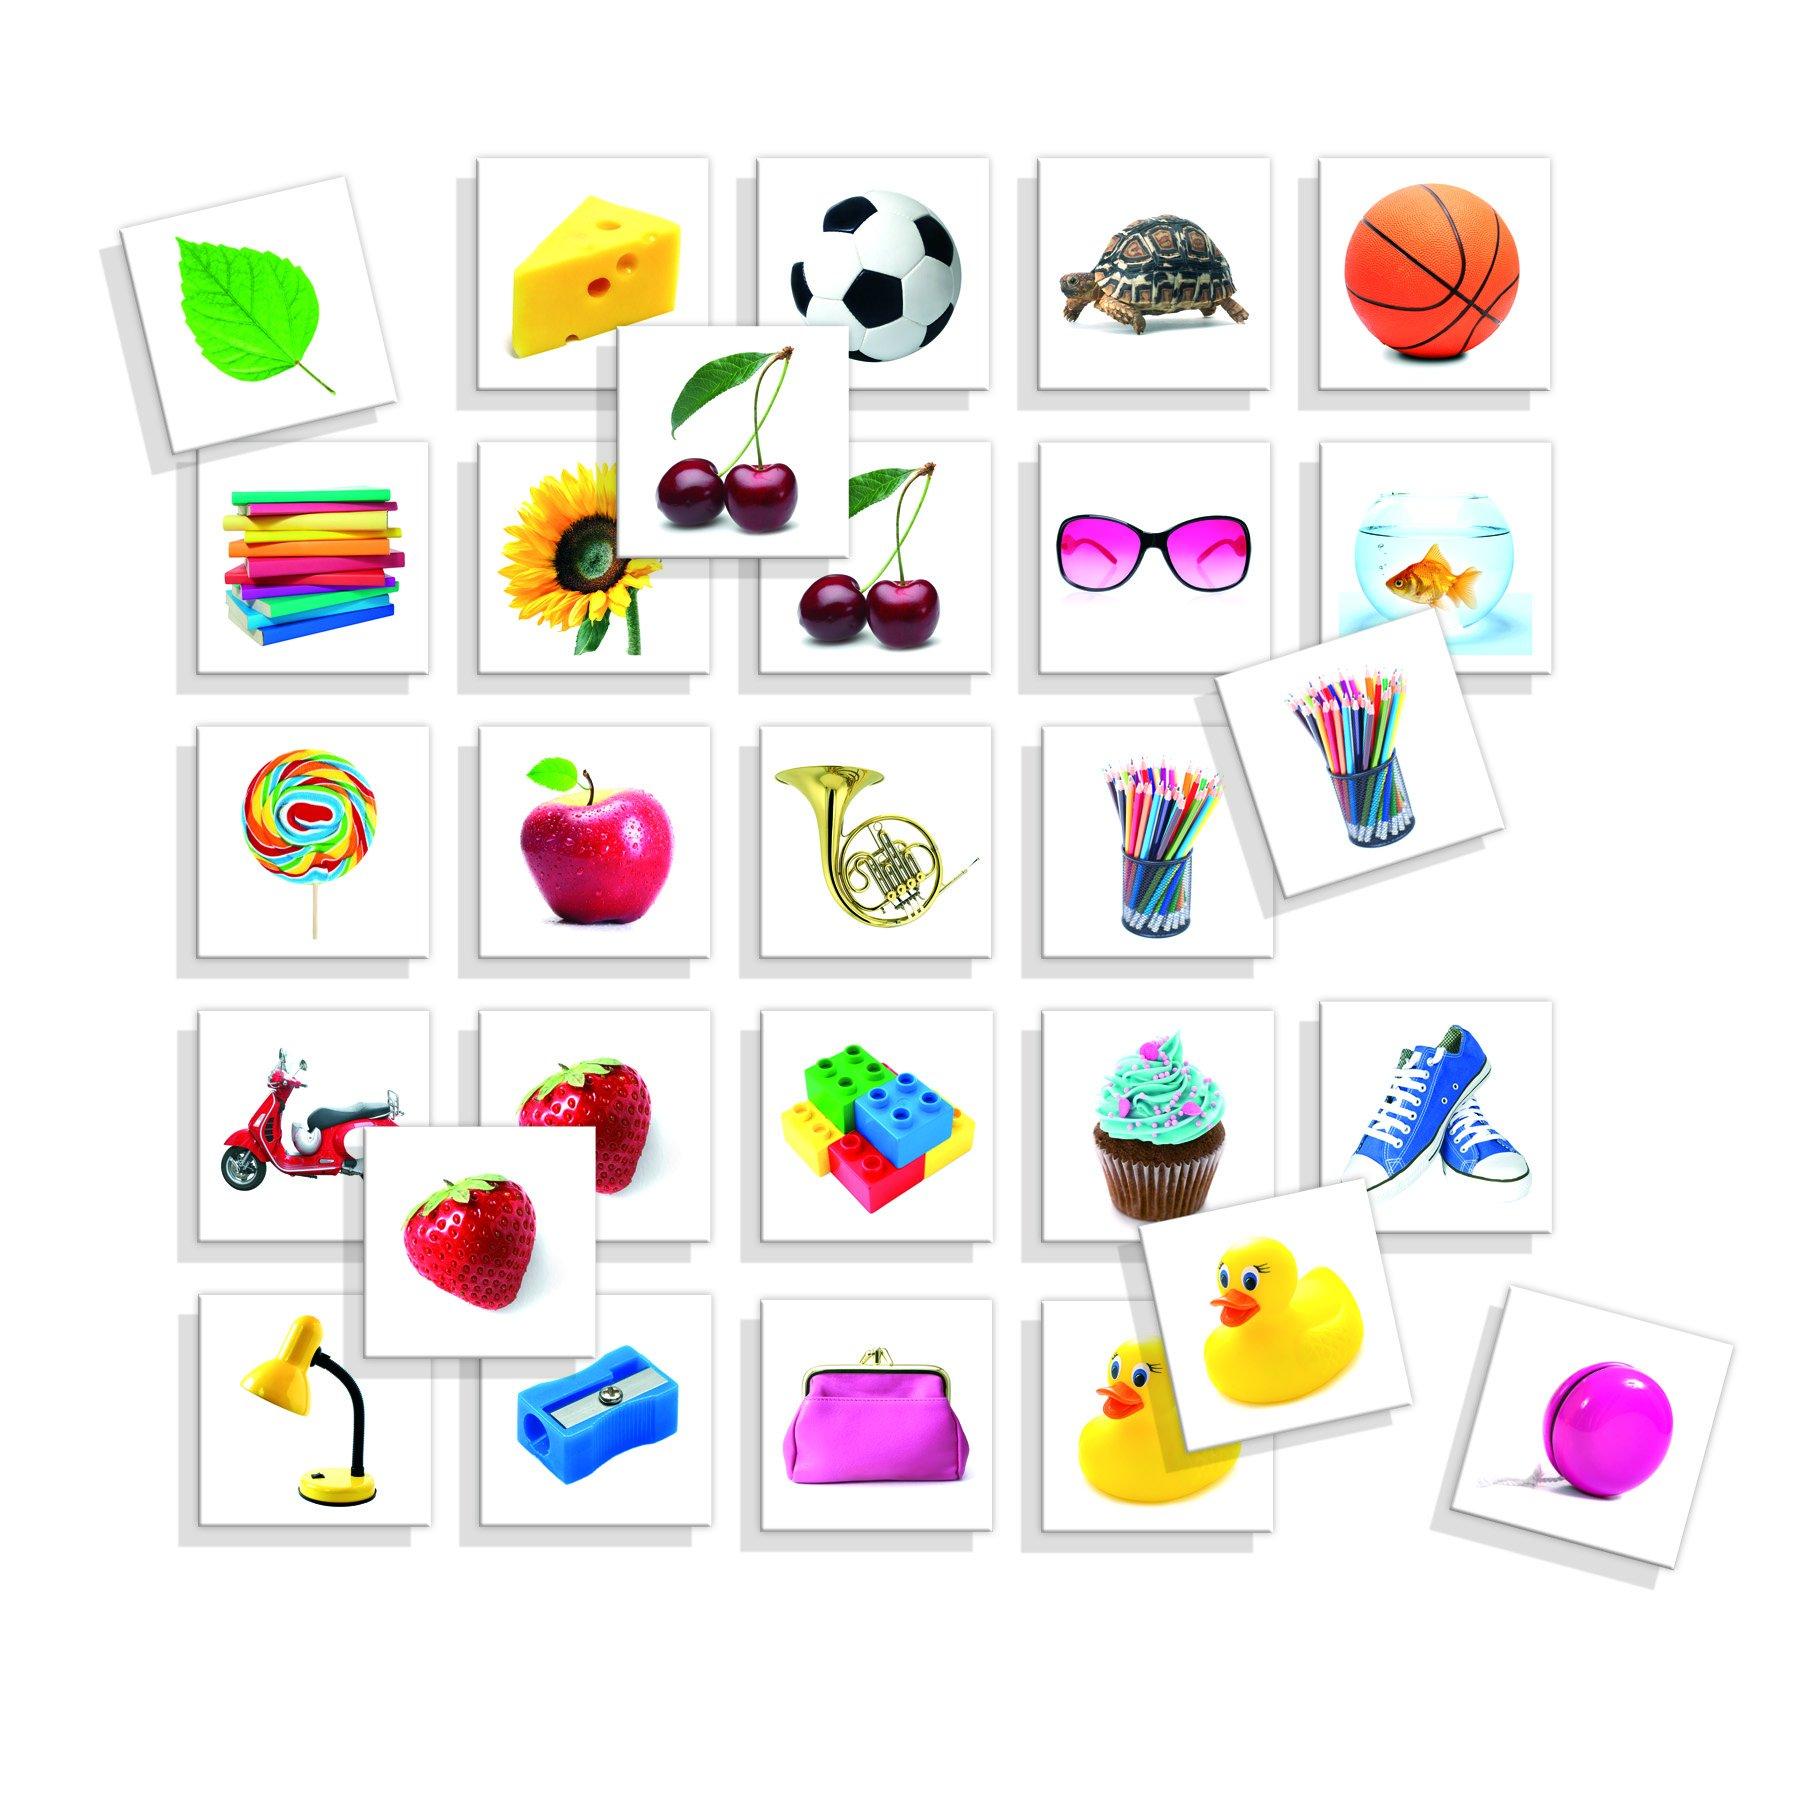 Comprar Diset- Juguete educativos Memo Photo Objects, Multicolor (68946)